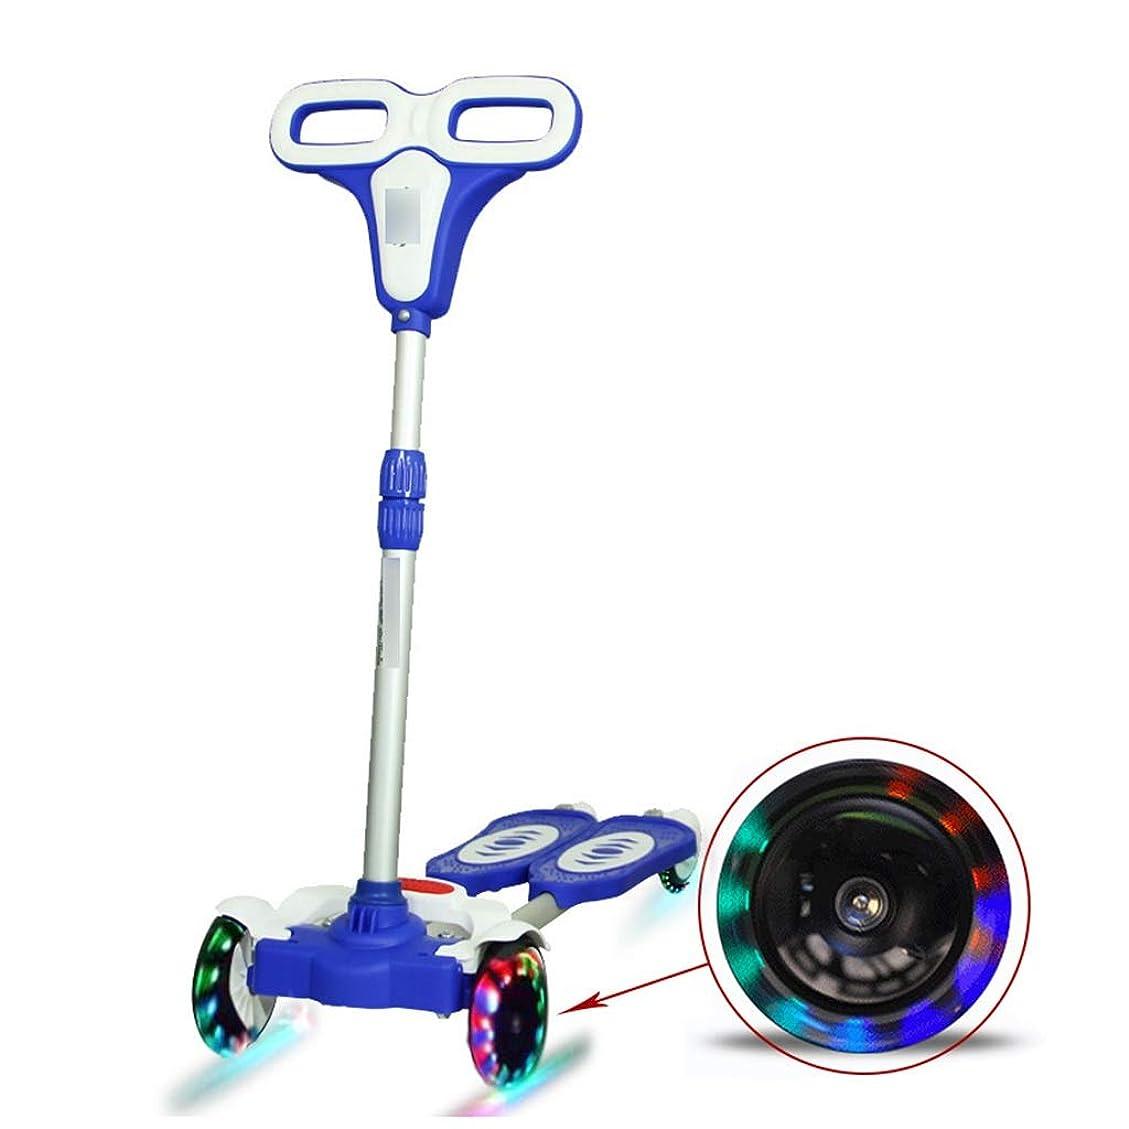 いつも位置づける農学スポーツ&アウトドア スケートボード スクーター赤ちゃん片足スクーター男性と女性の子供ヨーヨー軽い滑車車子供男の子と女の子のスクーターと子供をスライドさせます (Color : Blue, Size : 25*78*69cm)